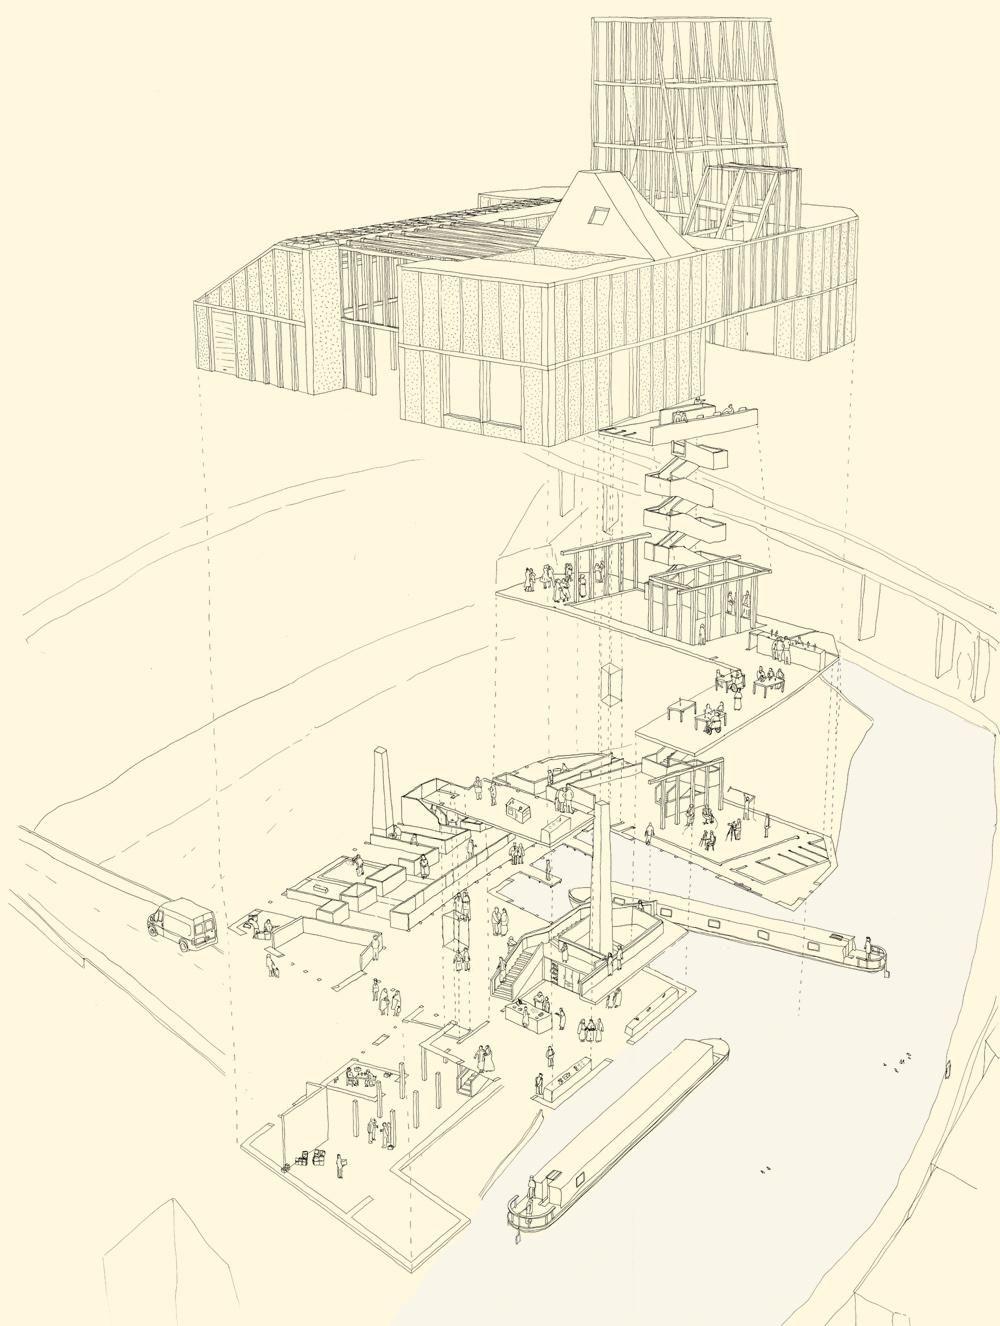 Architecture Archive: Photo